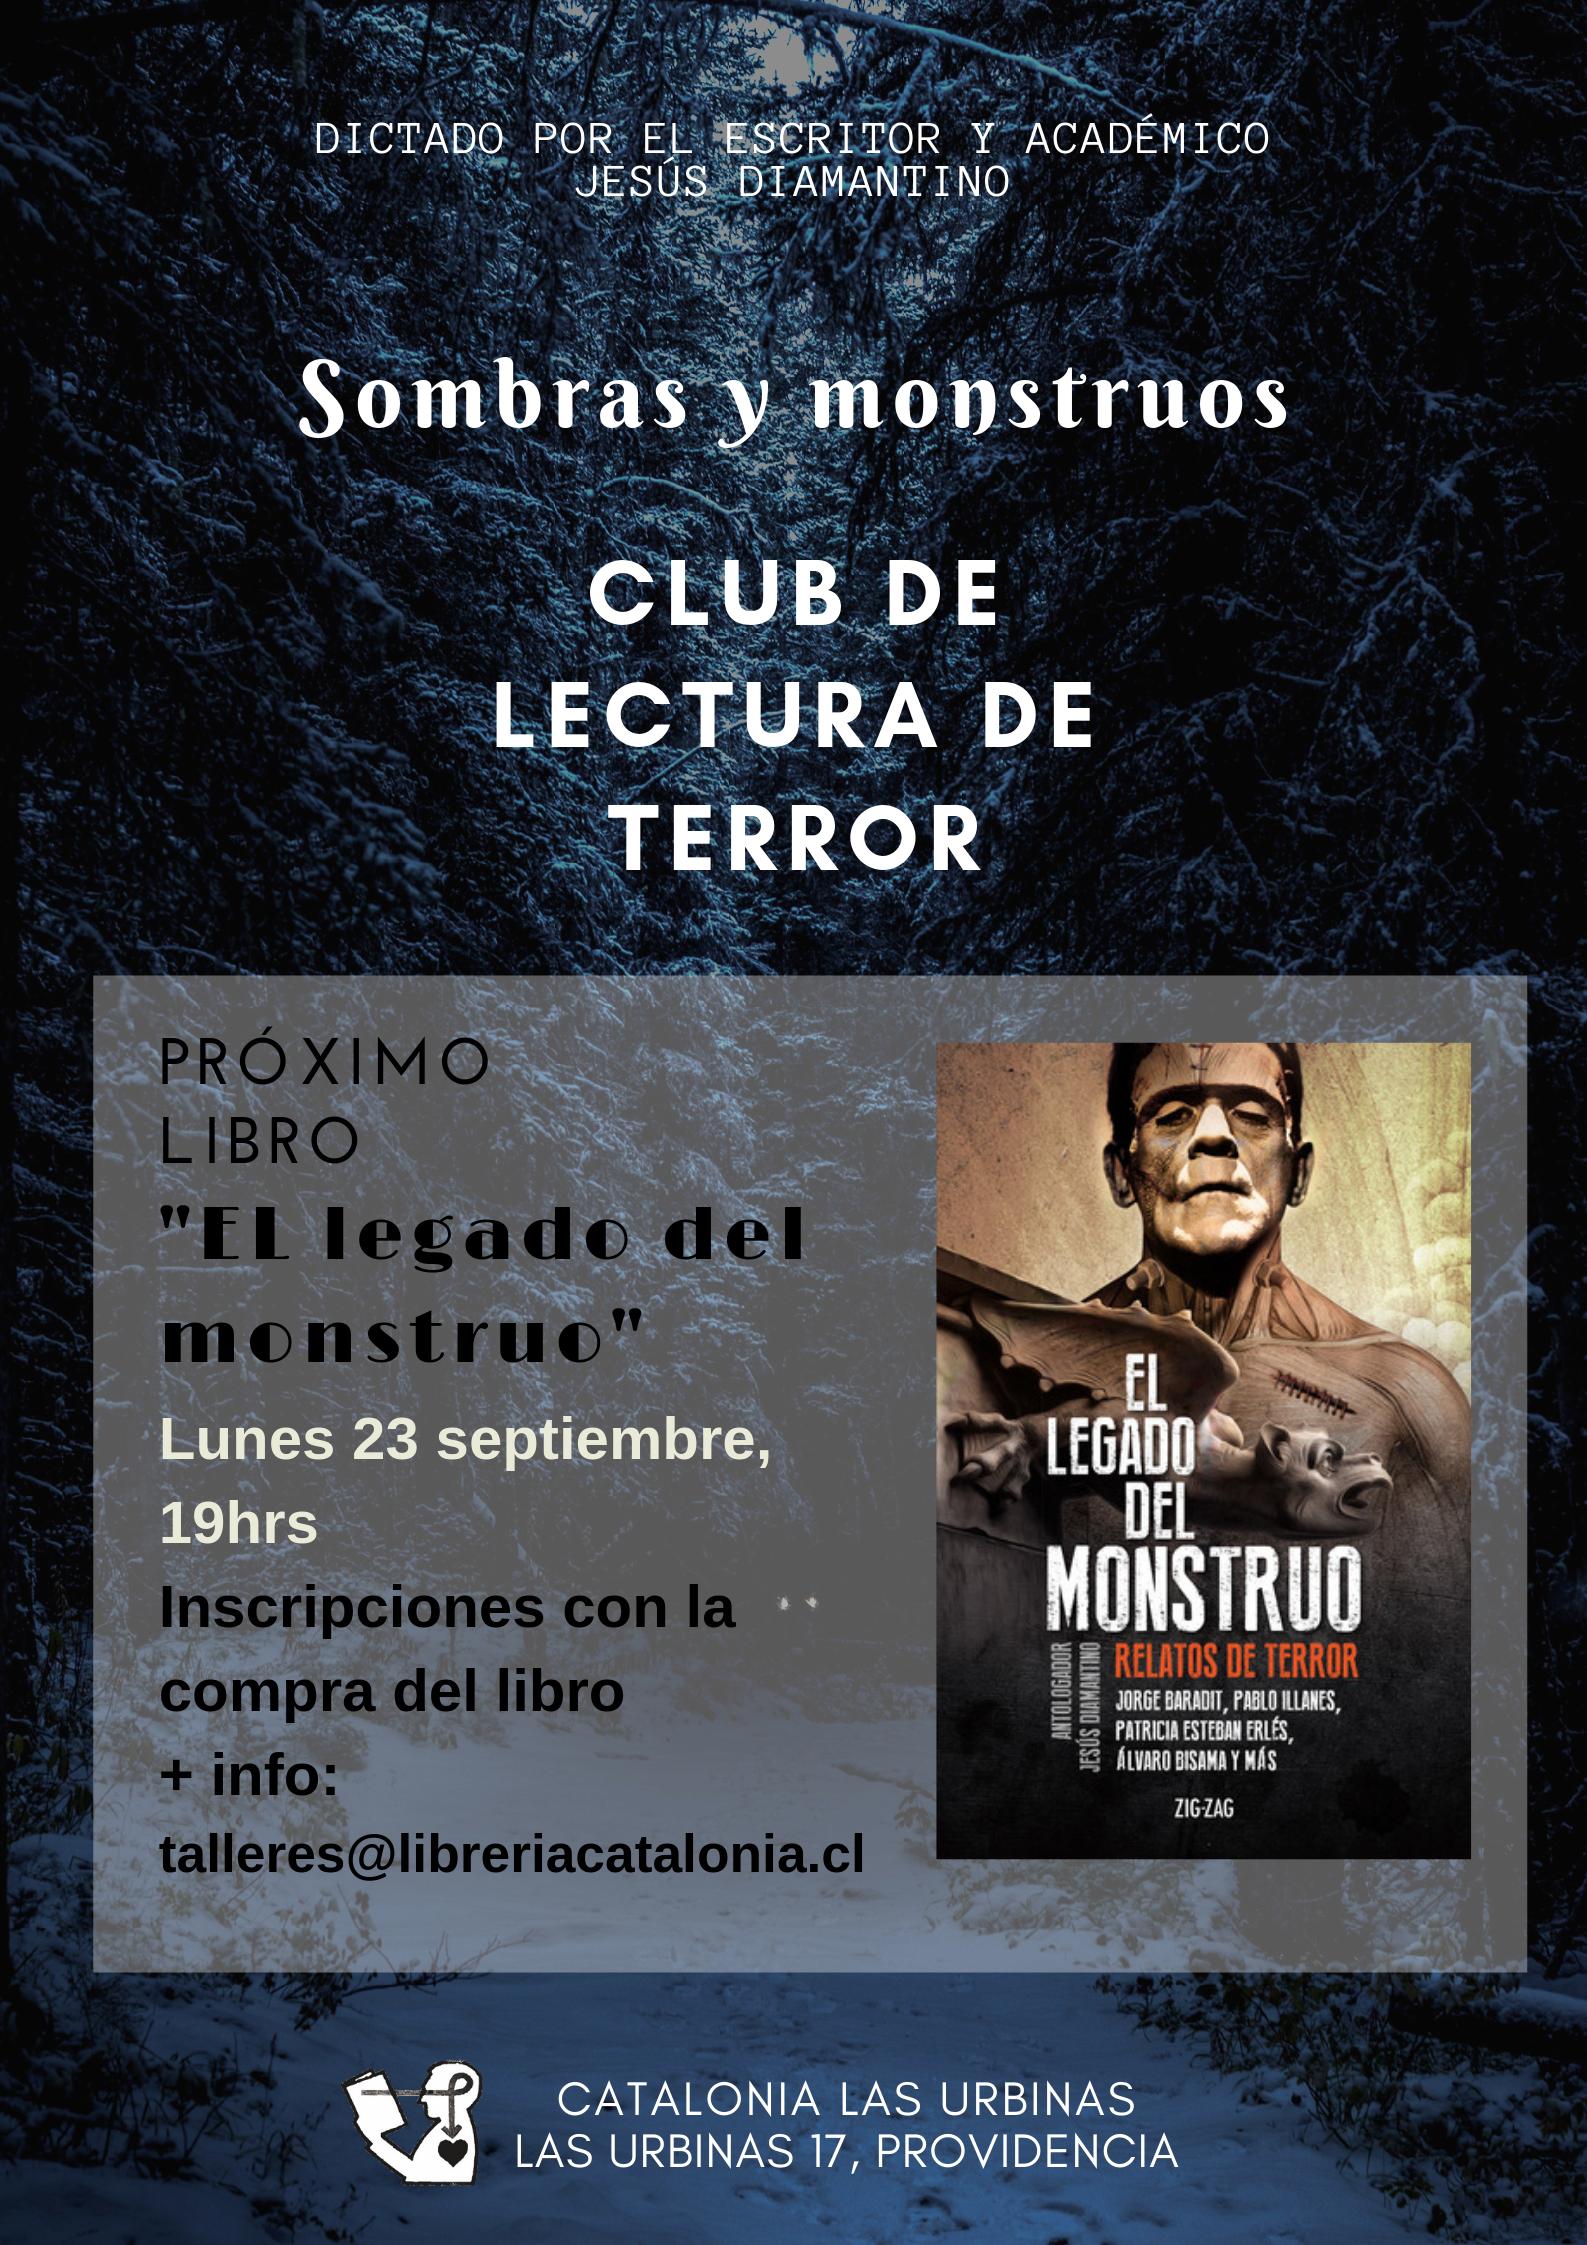 Club de lectura de terror